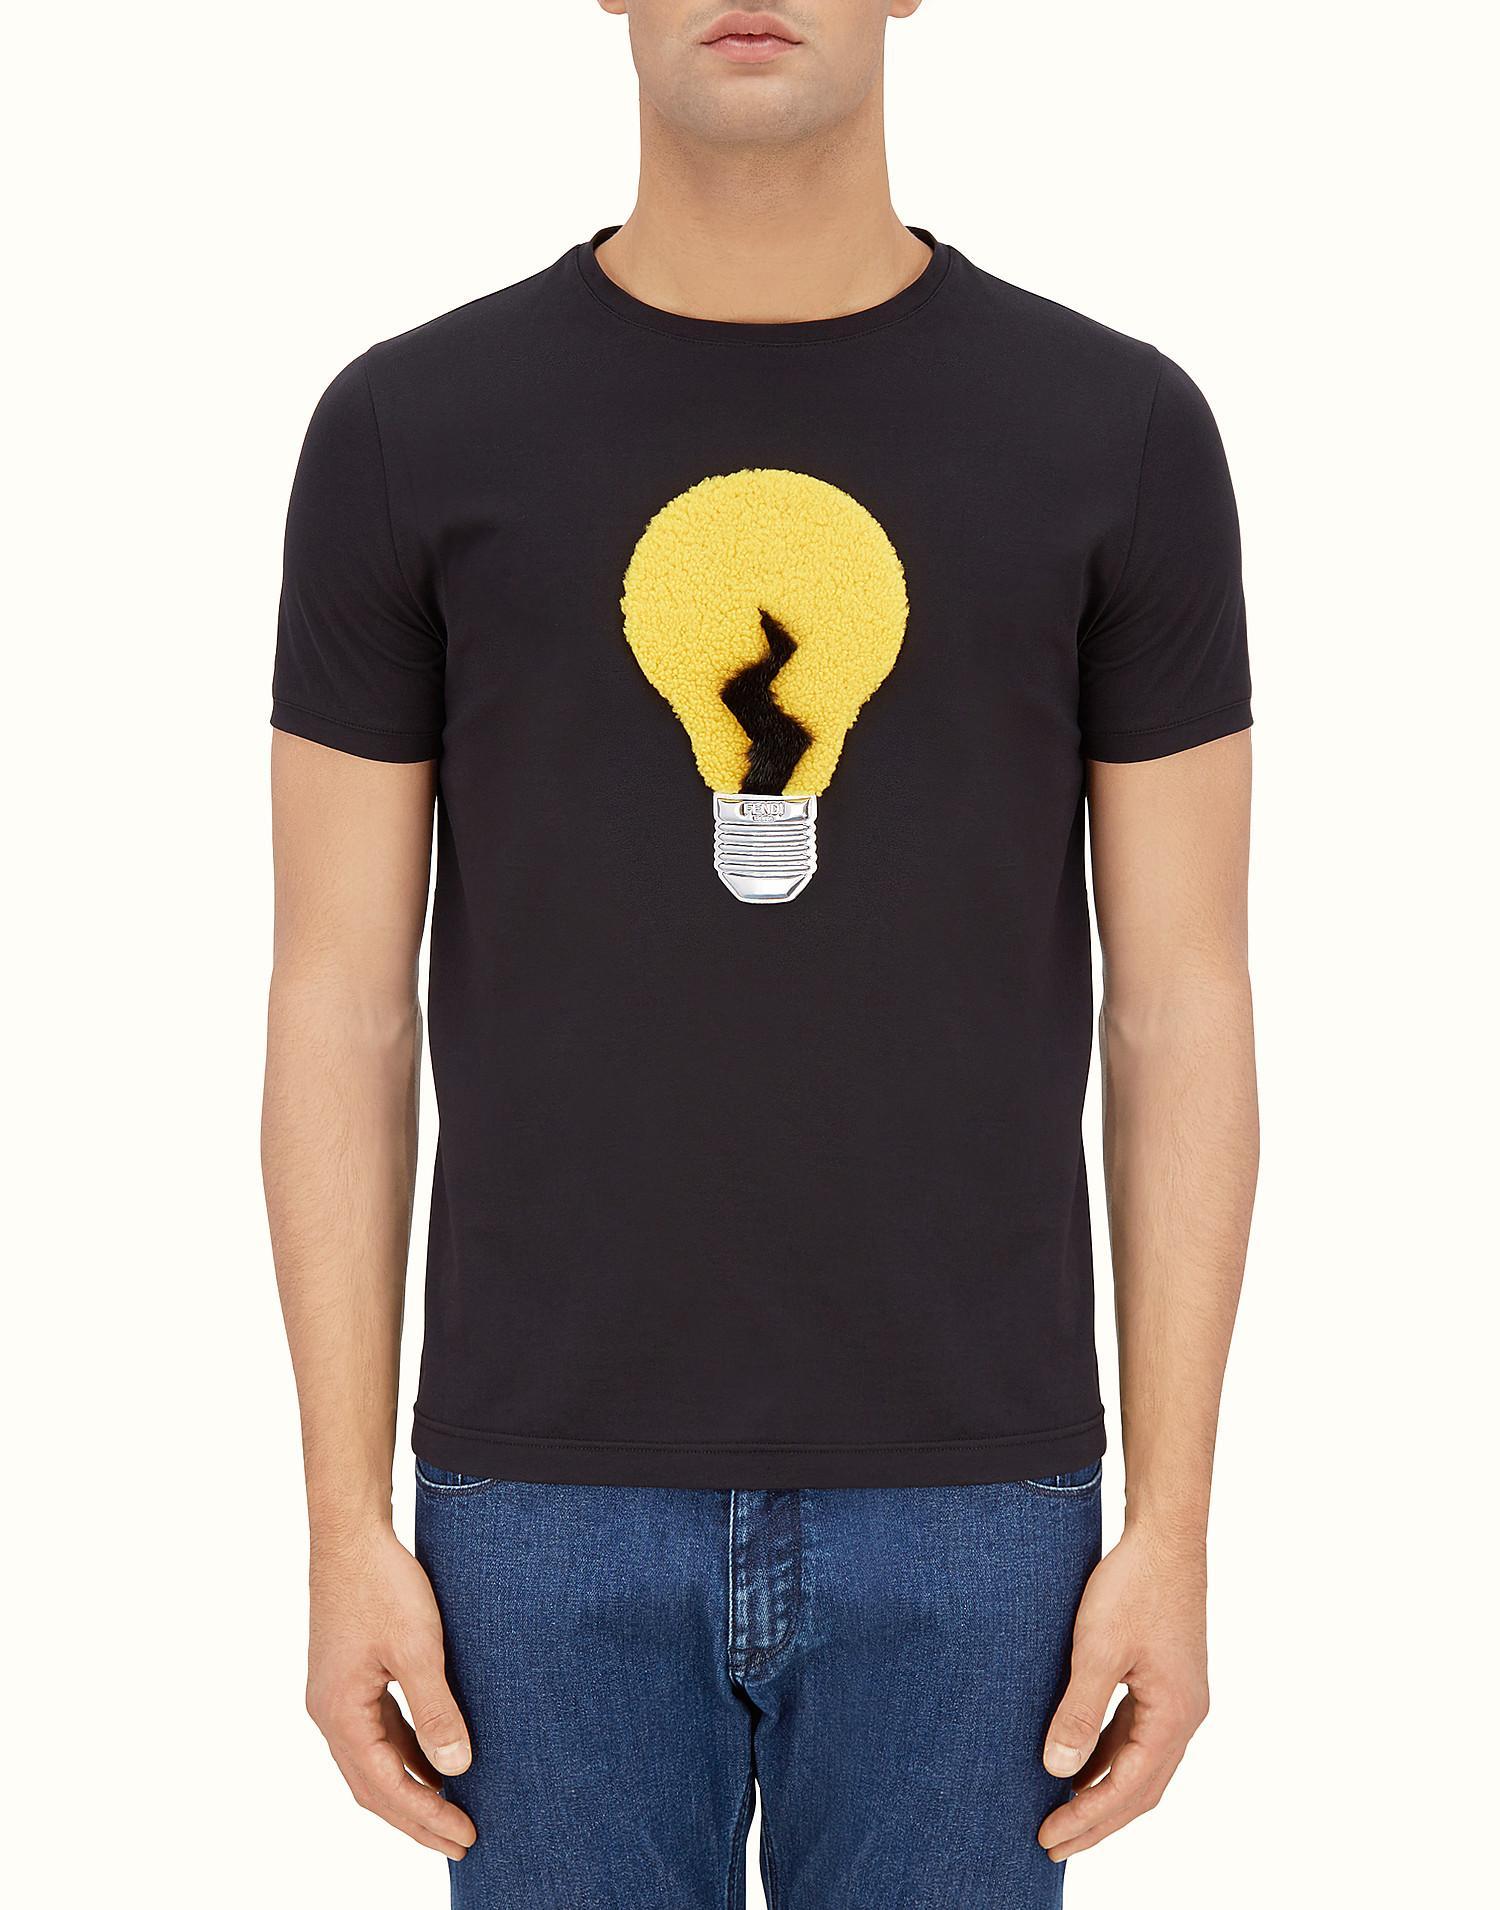 Fendi T Shirt T Shirt In Black For Men Lyst